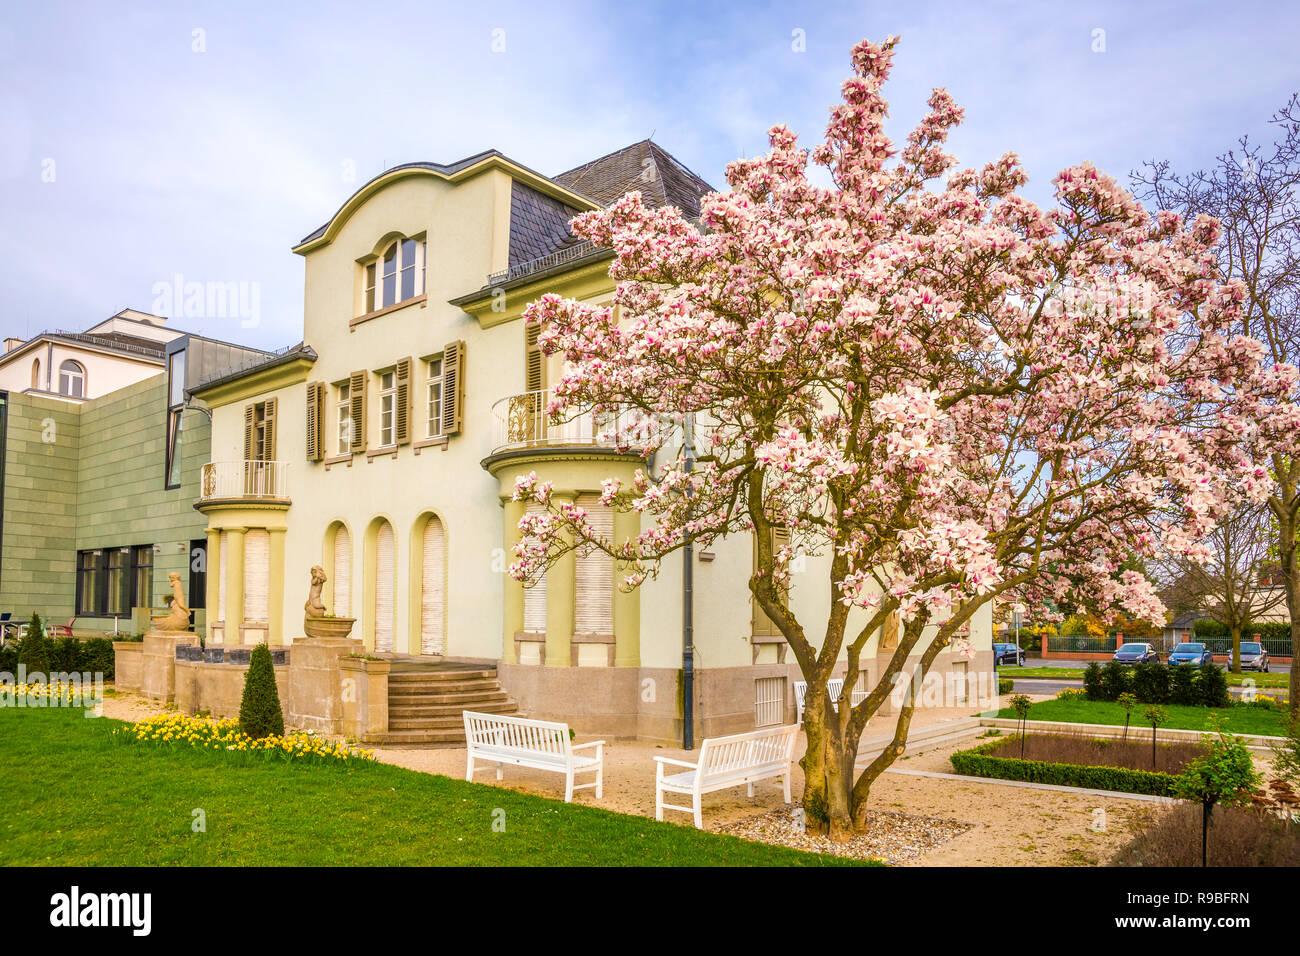 Rüsselsheim, Festung und Villen, Deutschland Stockfoto, Bild ...